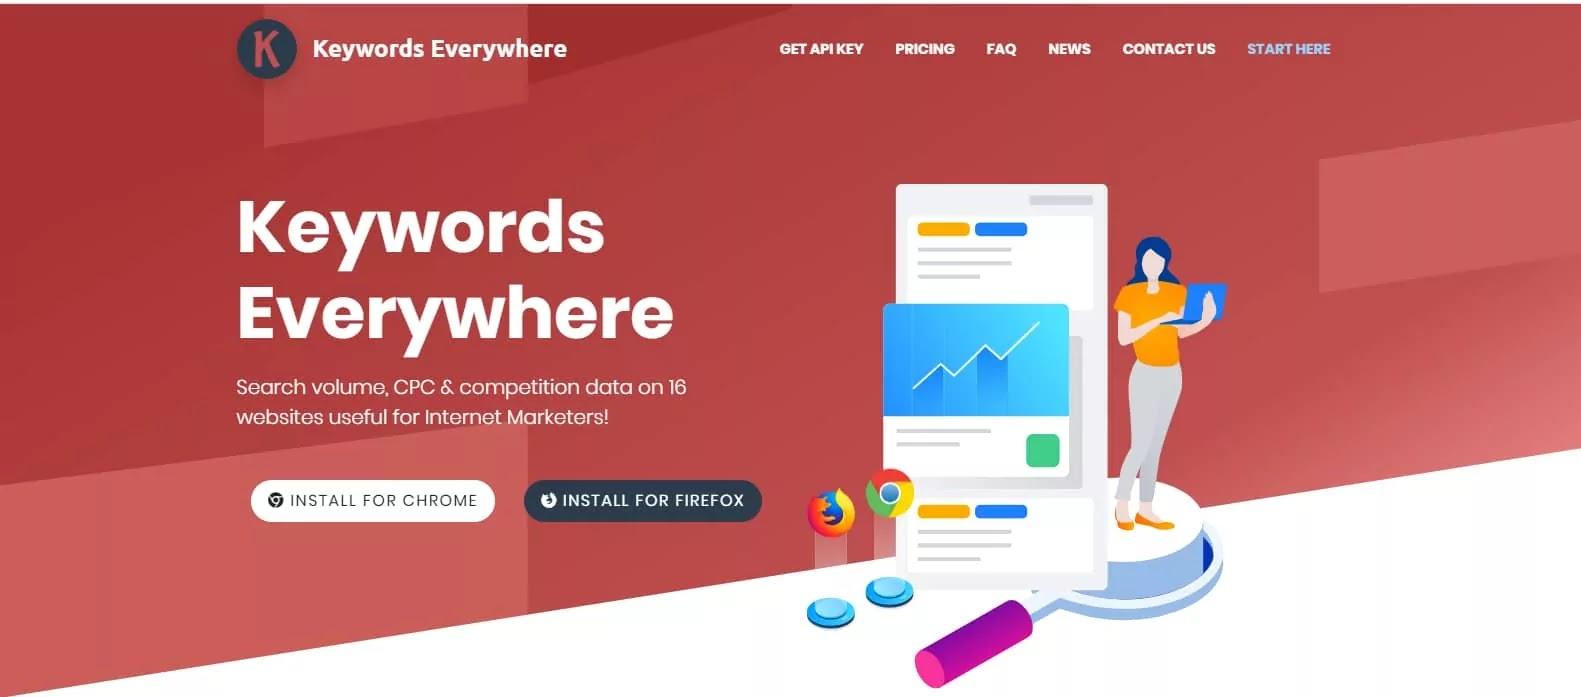 keywords-everywhere-keyword-research-tool